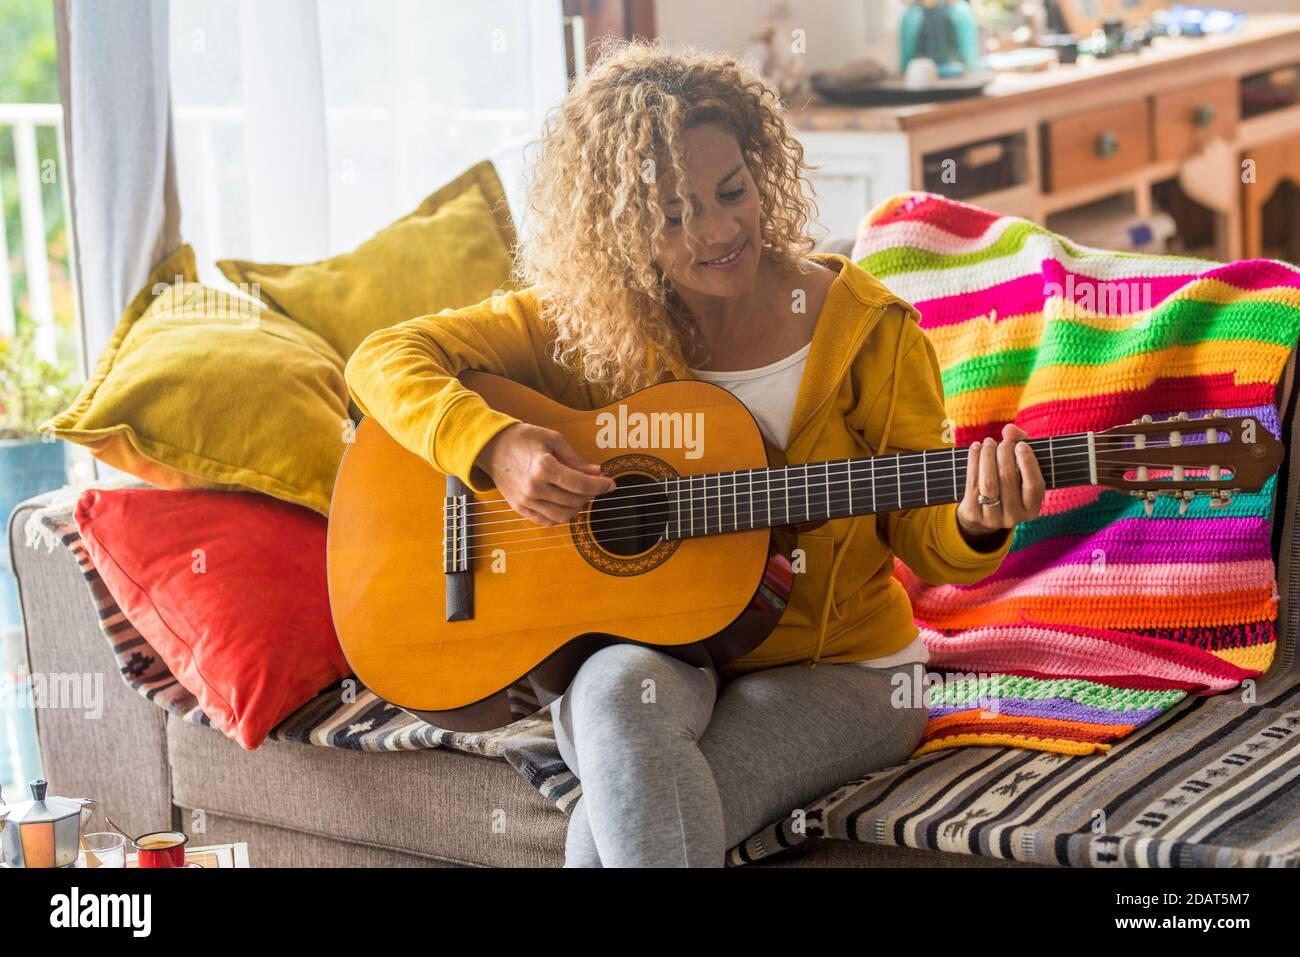 Belle femme d'âge moyen jouer de la guitare à la maison - musique leçon et chanteur assis sur le canapé - les gens jouent instrument et de profiter de chansons et de loisirs Banque D'Images